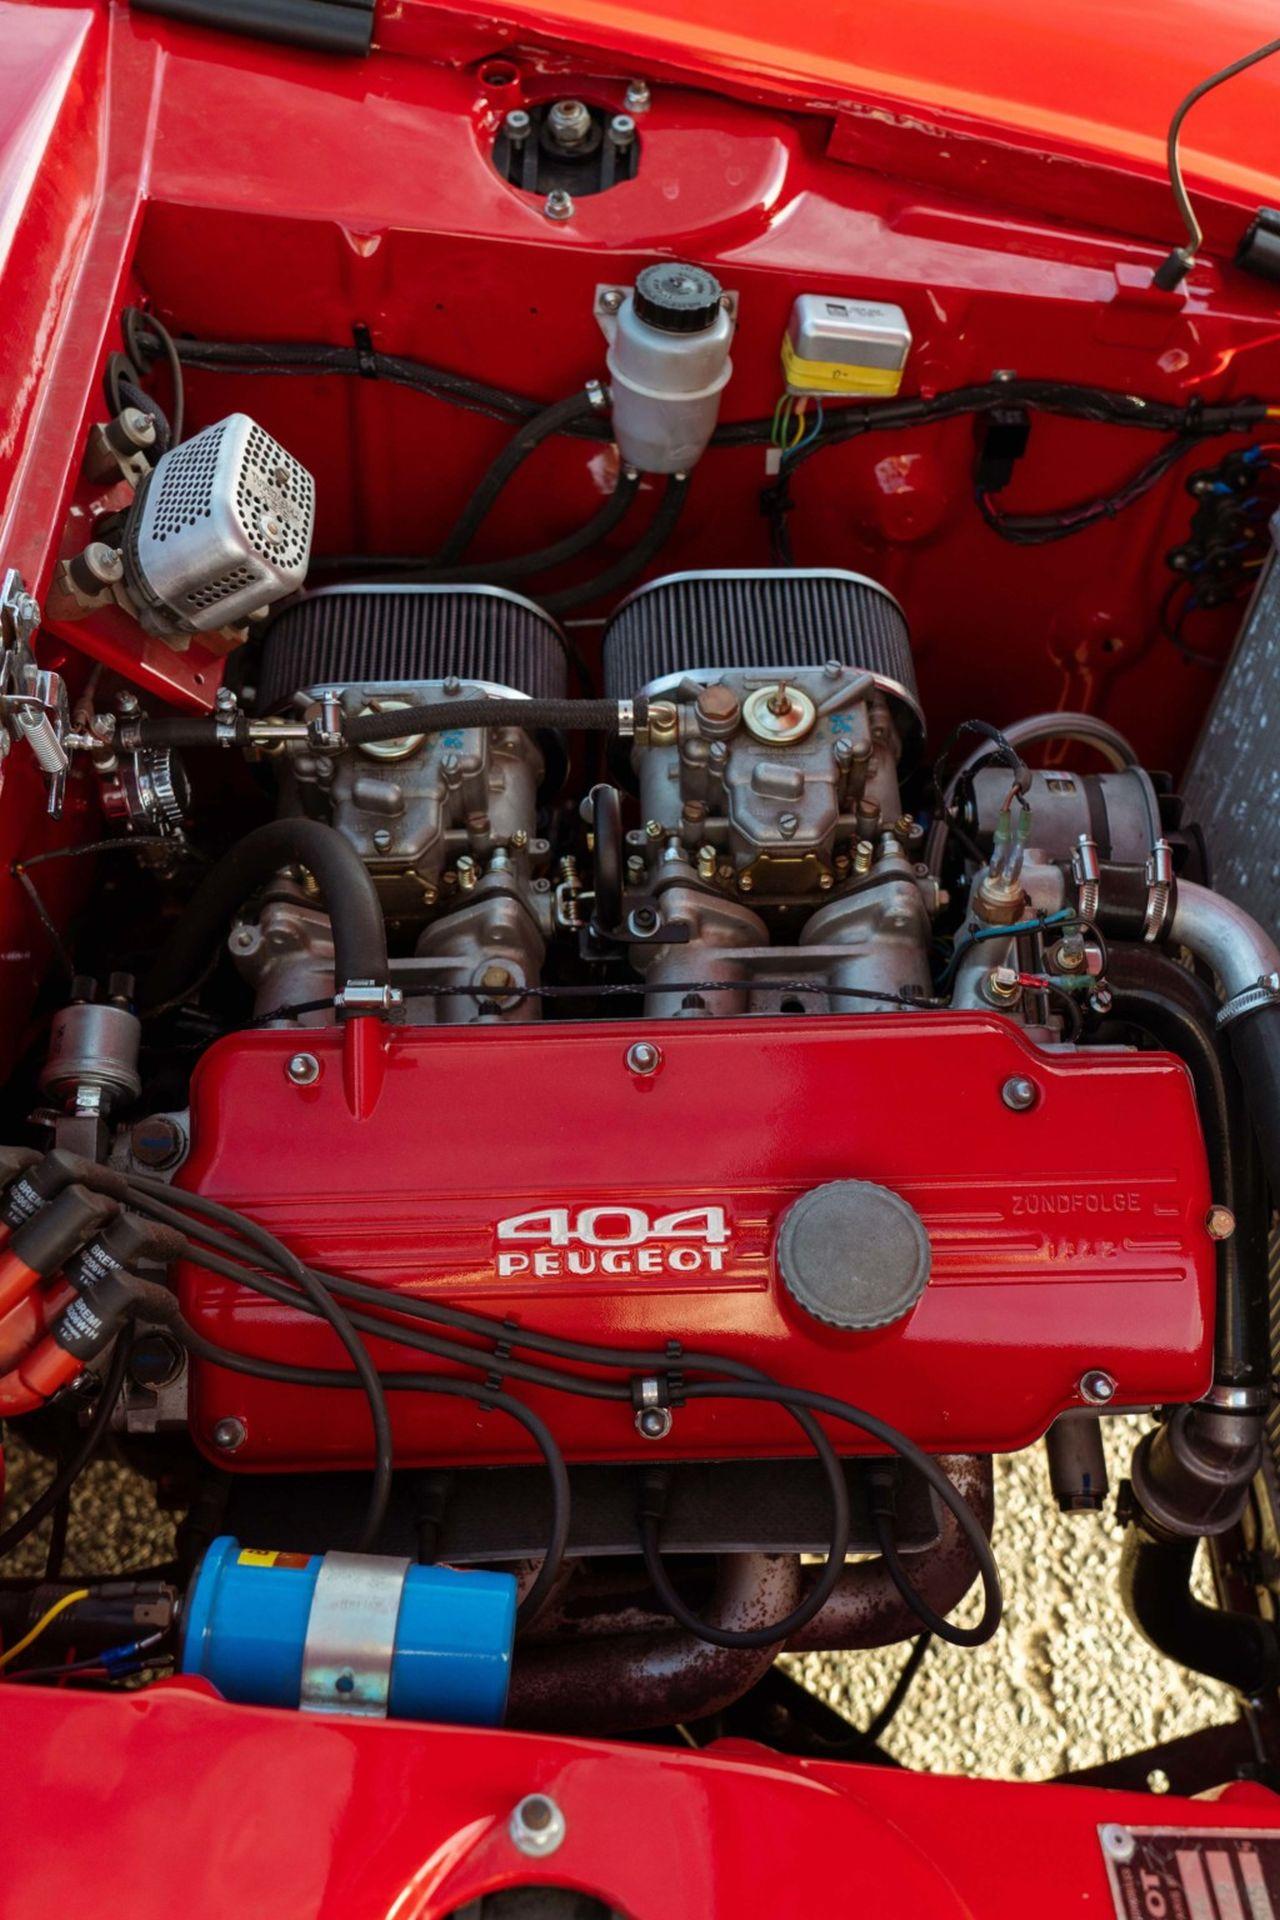 Peugeot 404 Cabriolet 1964 en M10 - Peugeot 2002 ou BMW 404 ?! 5